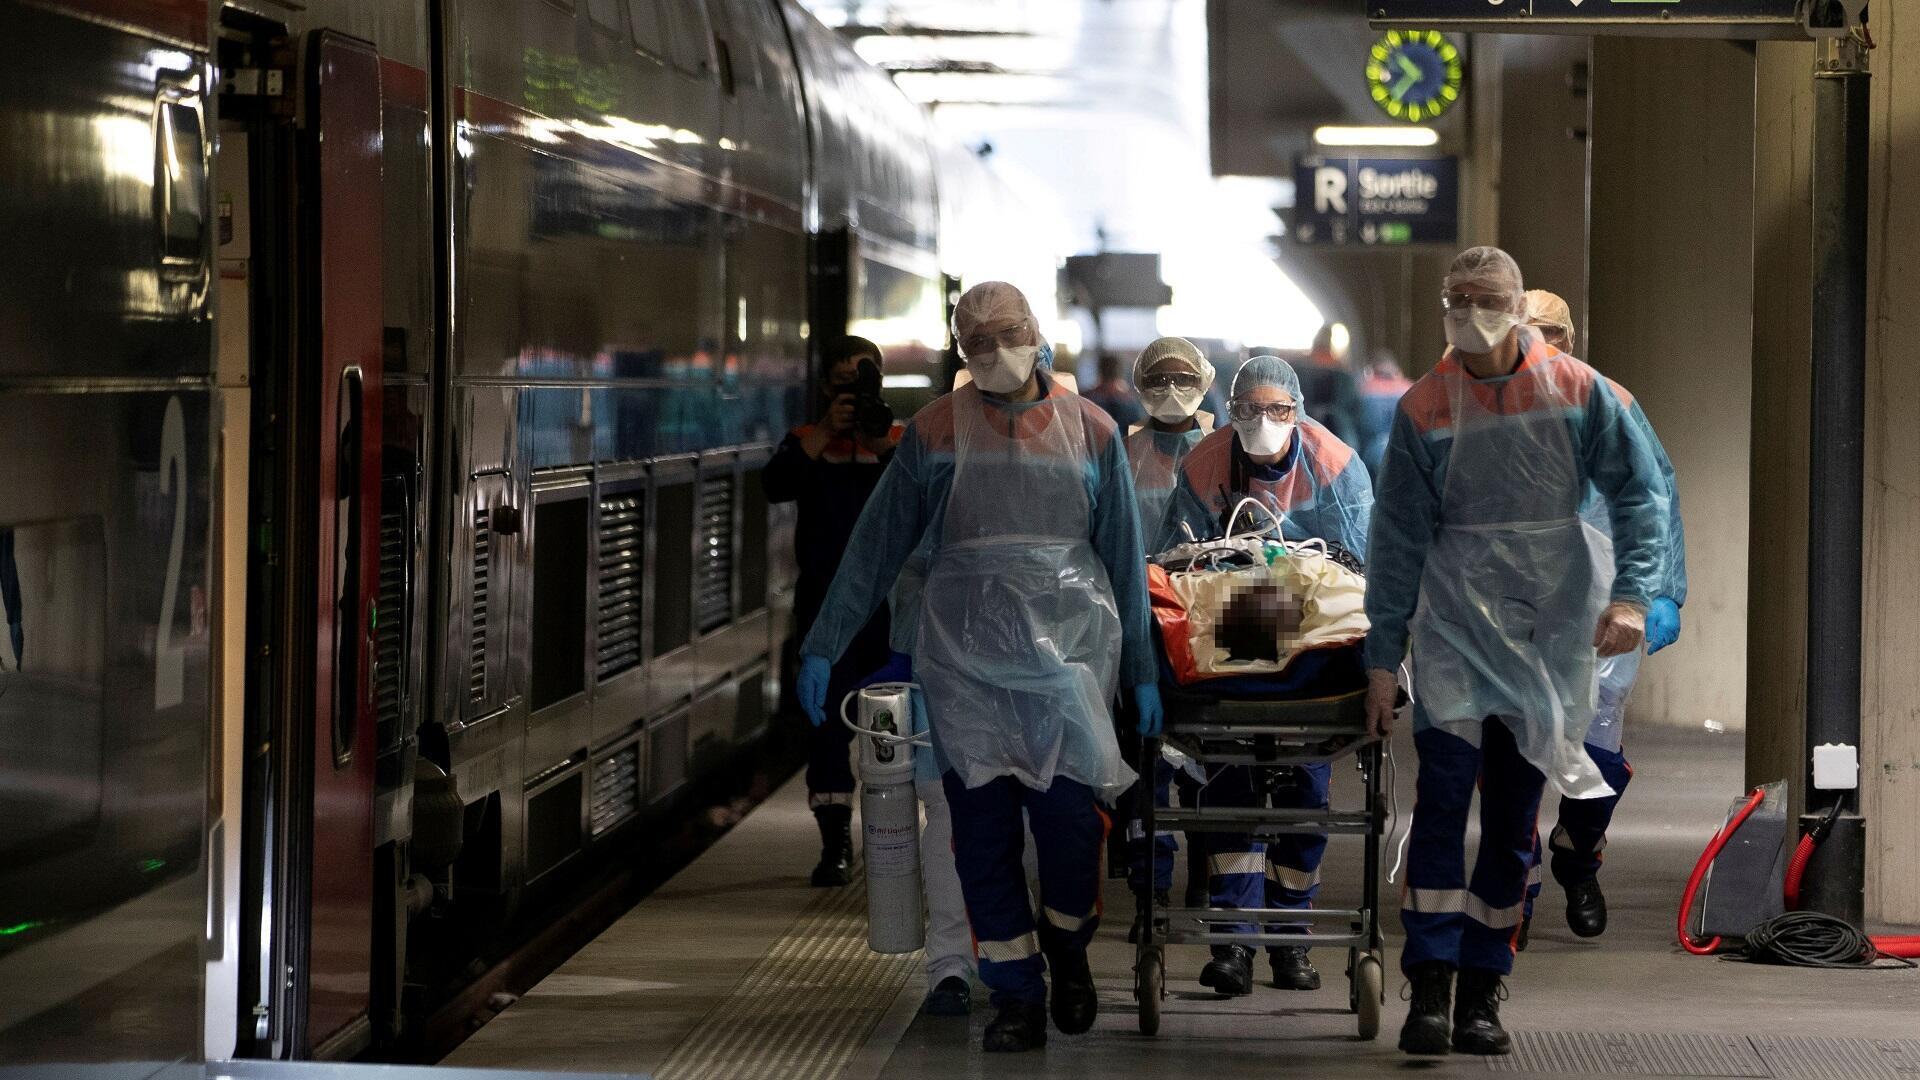 فريق طبي يرافق مصابا بفيروس كورونا إلى قطار بمحطة أوسترليتز بباريس لنقله إلى مستشفى بمقاطعة بروتاني، 1 أبريل/نيسان 2020.